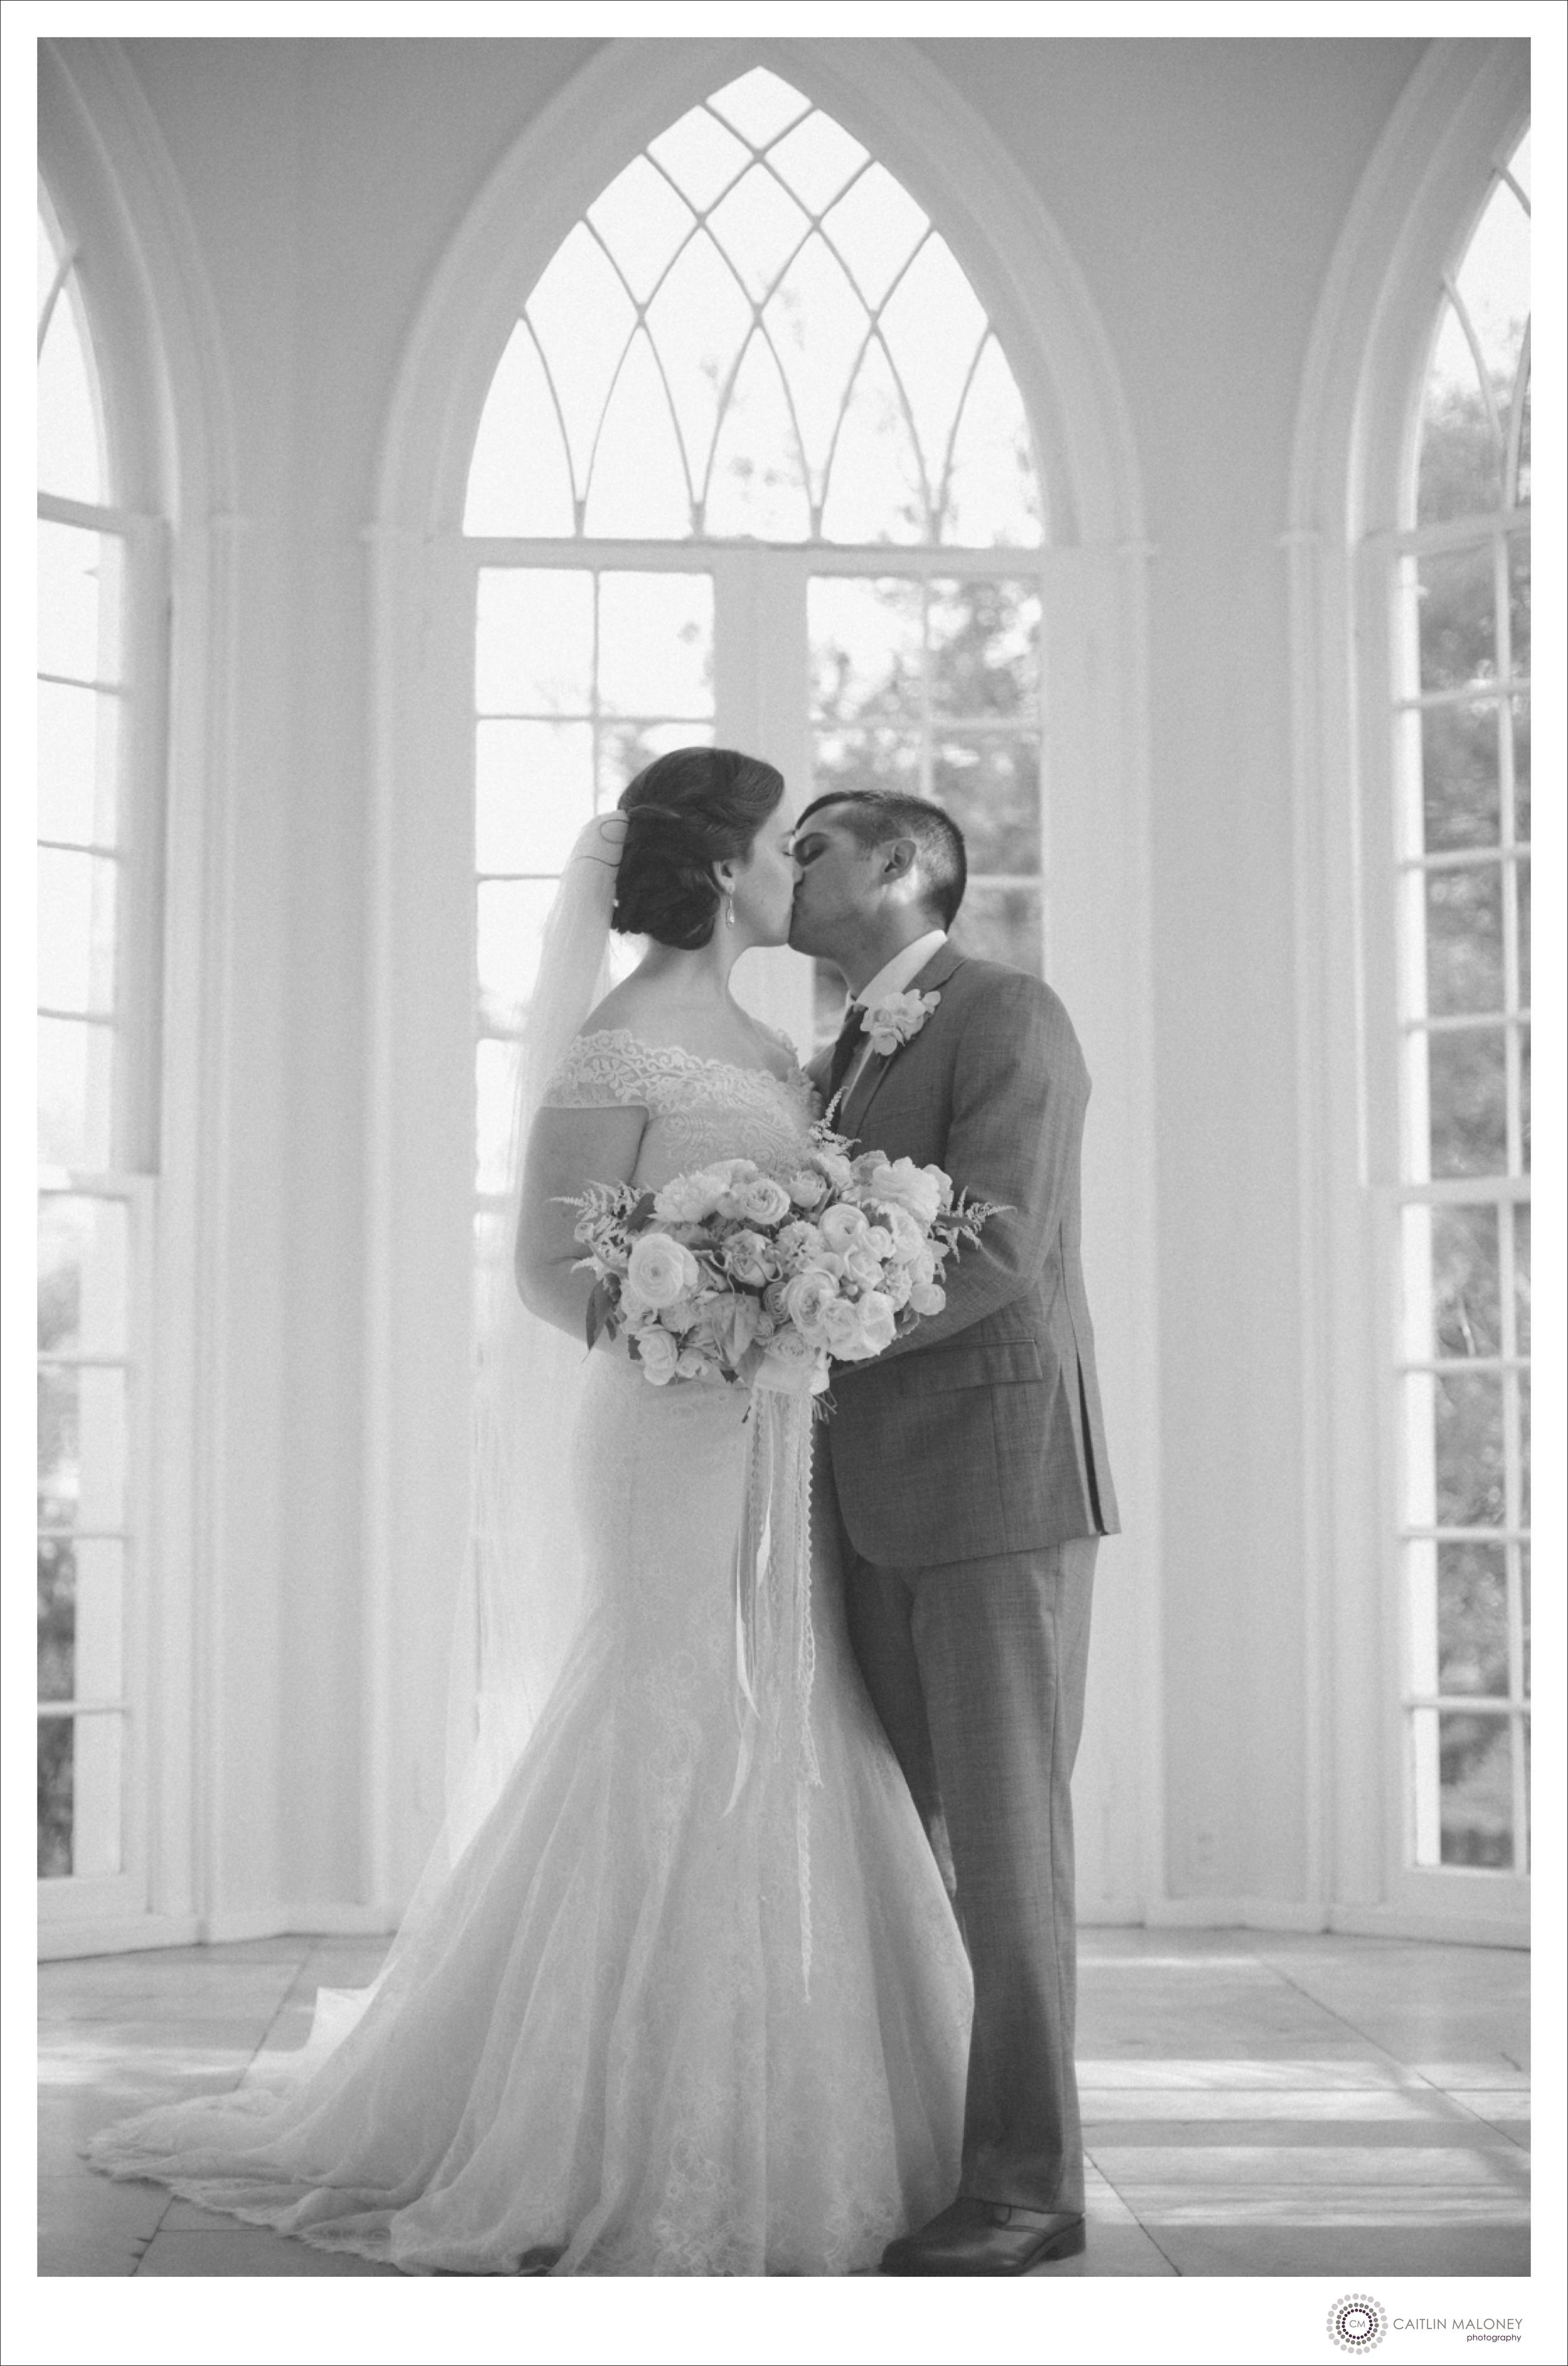 Linden_Place_Wedding_Photos_043.jpg